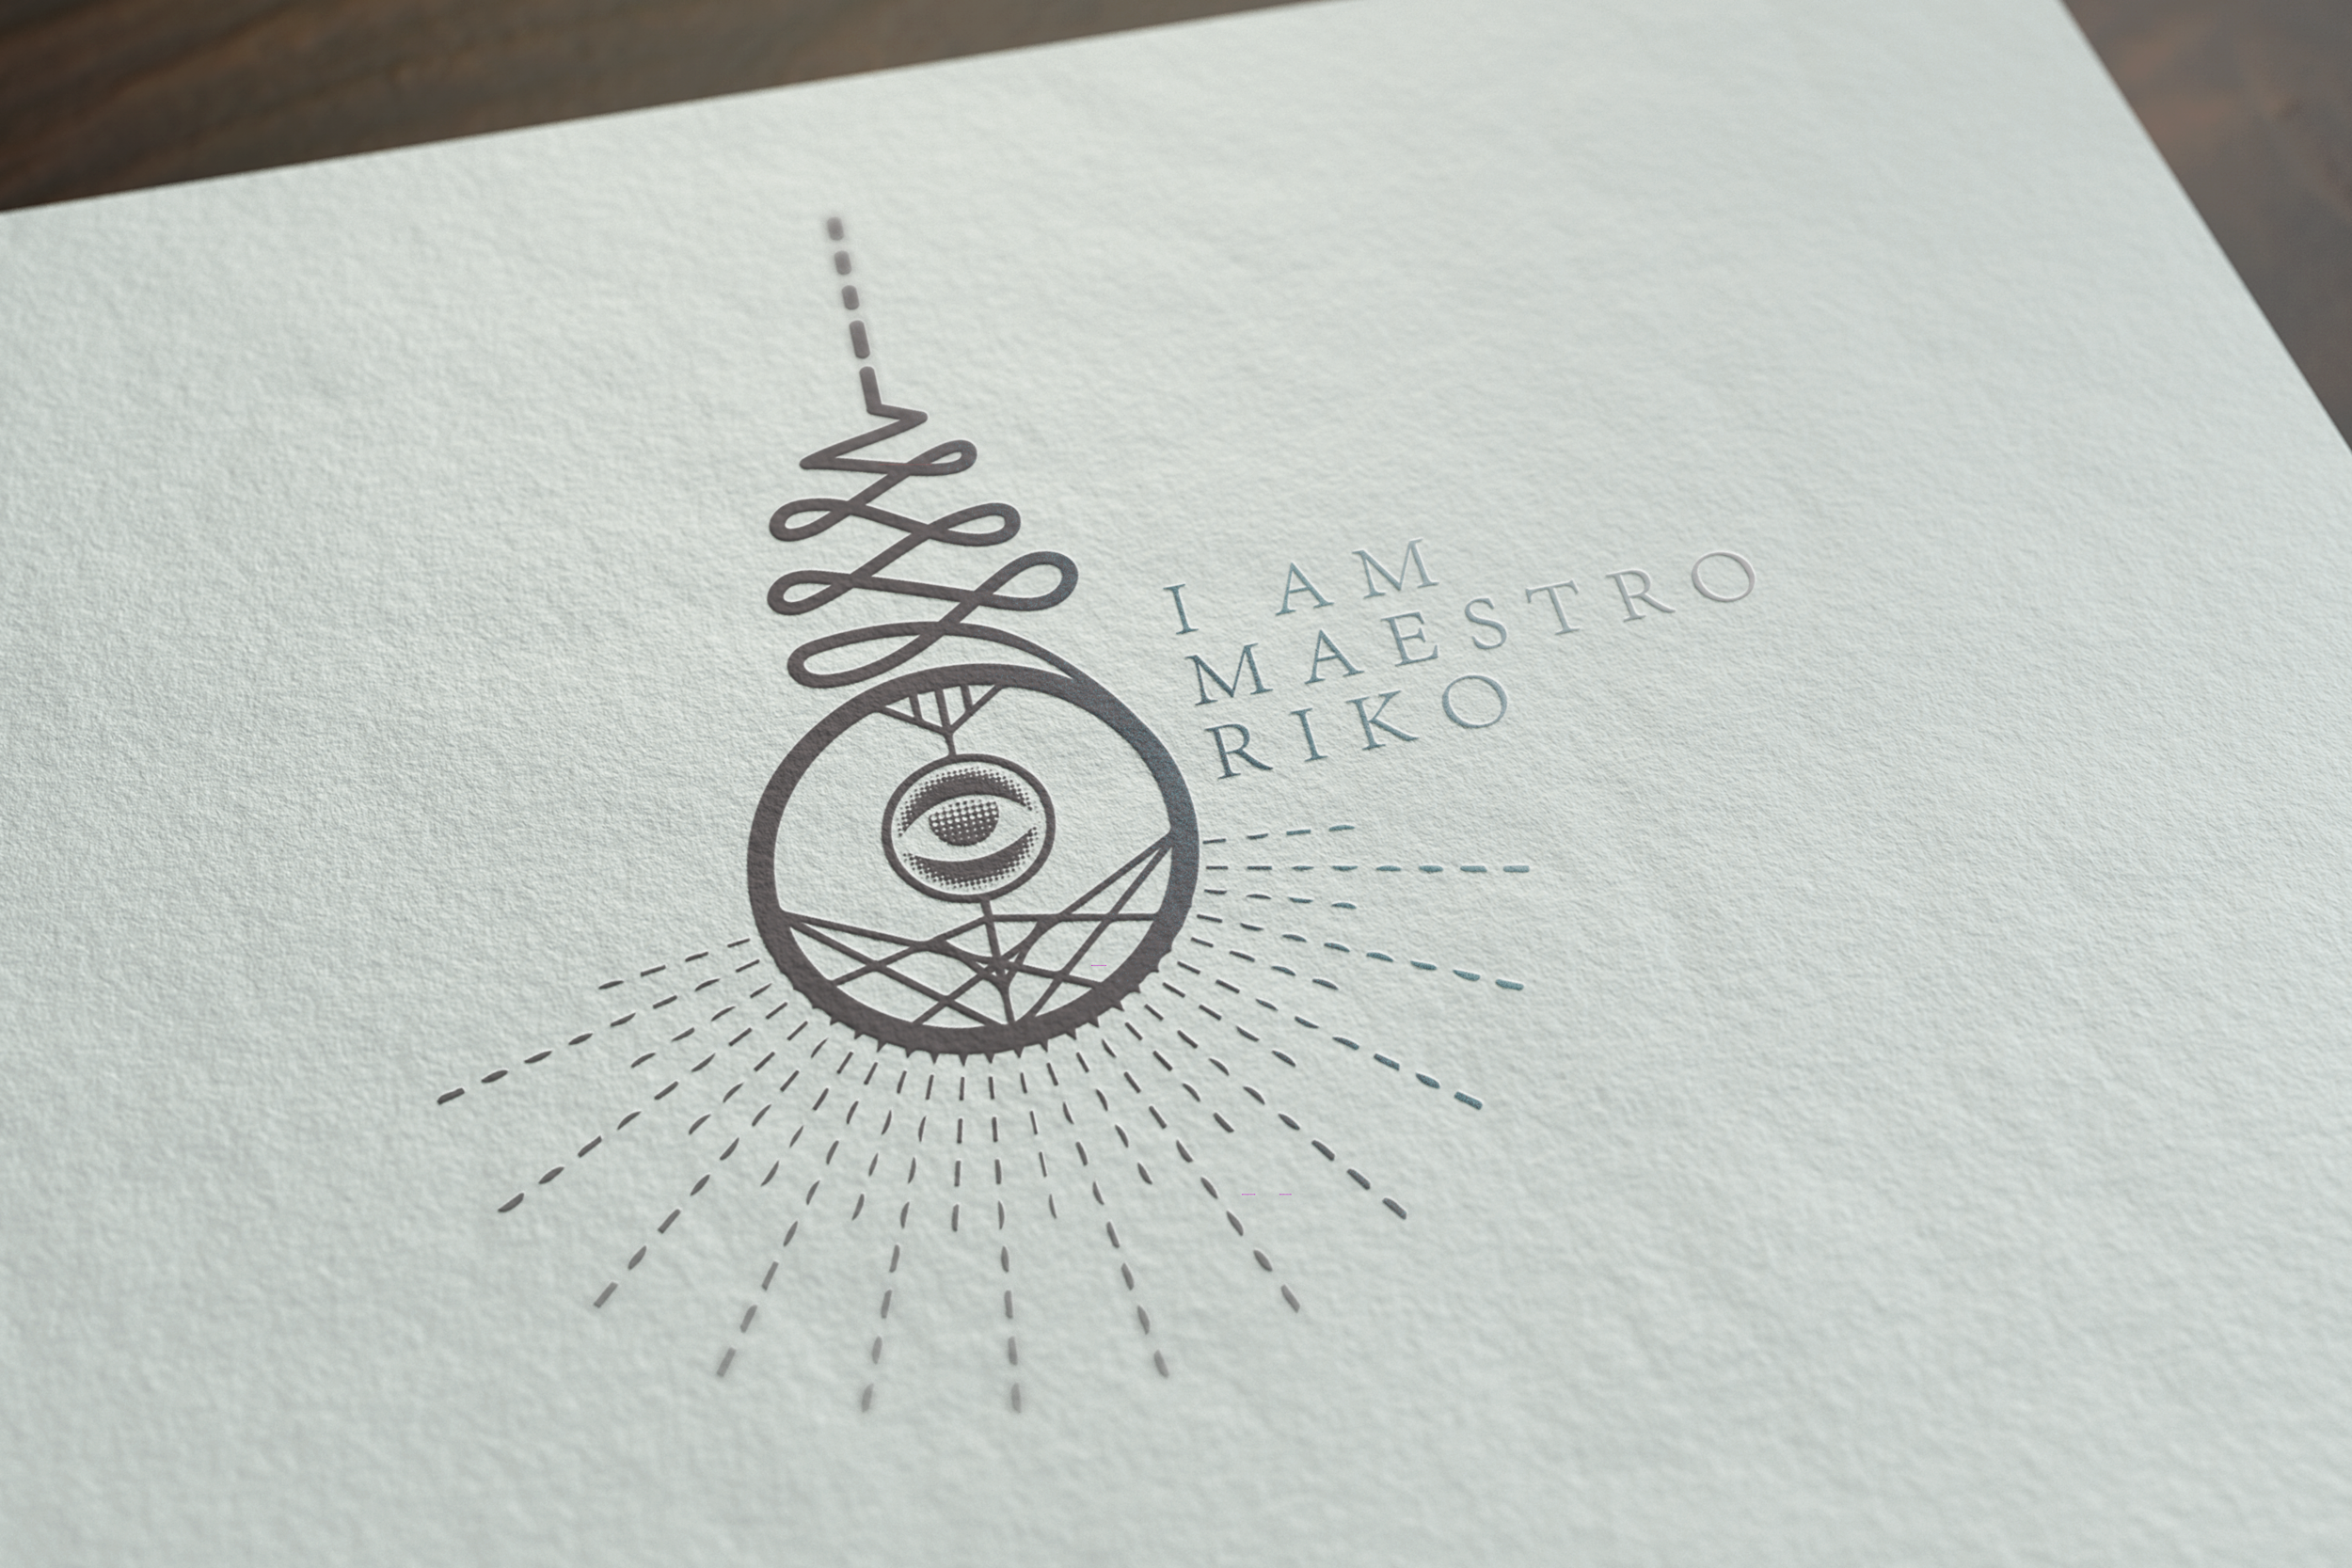 riko logo.png